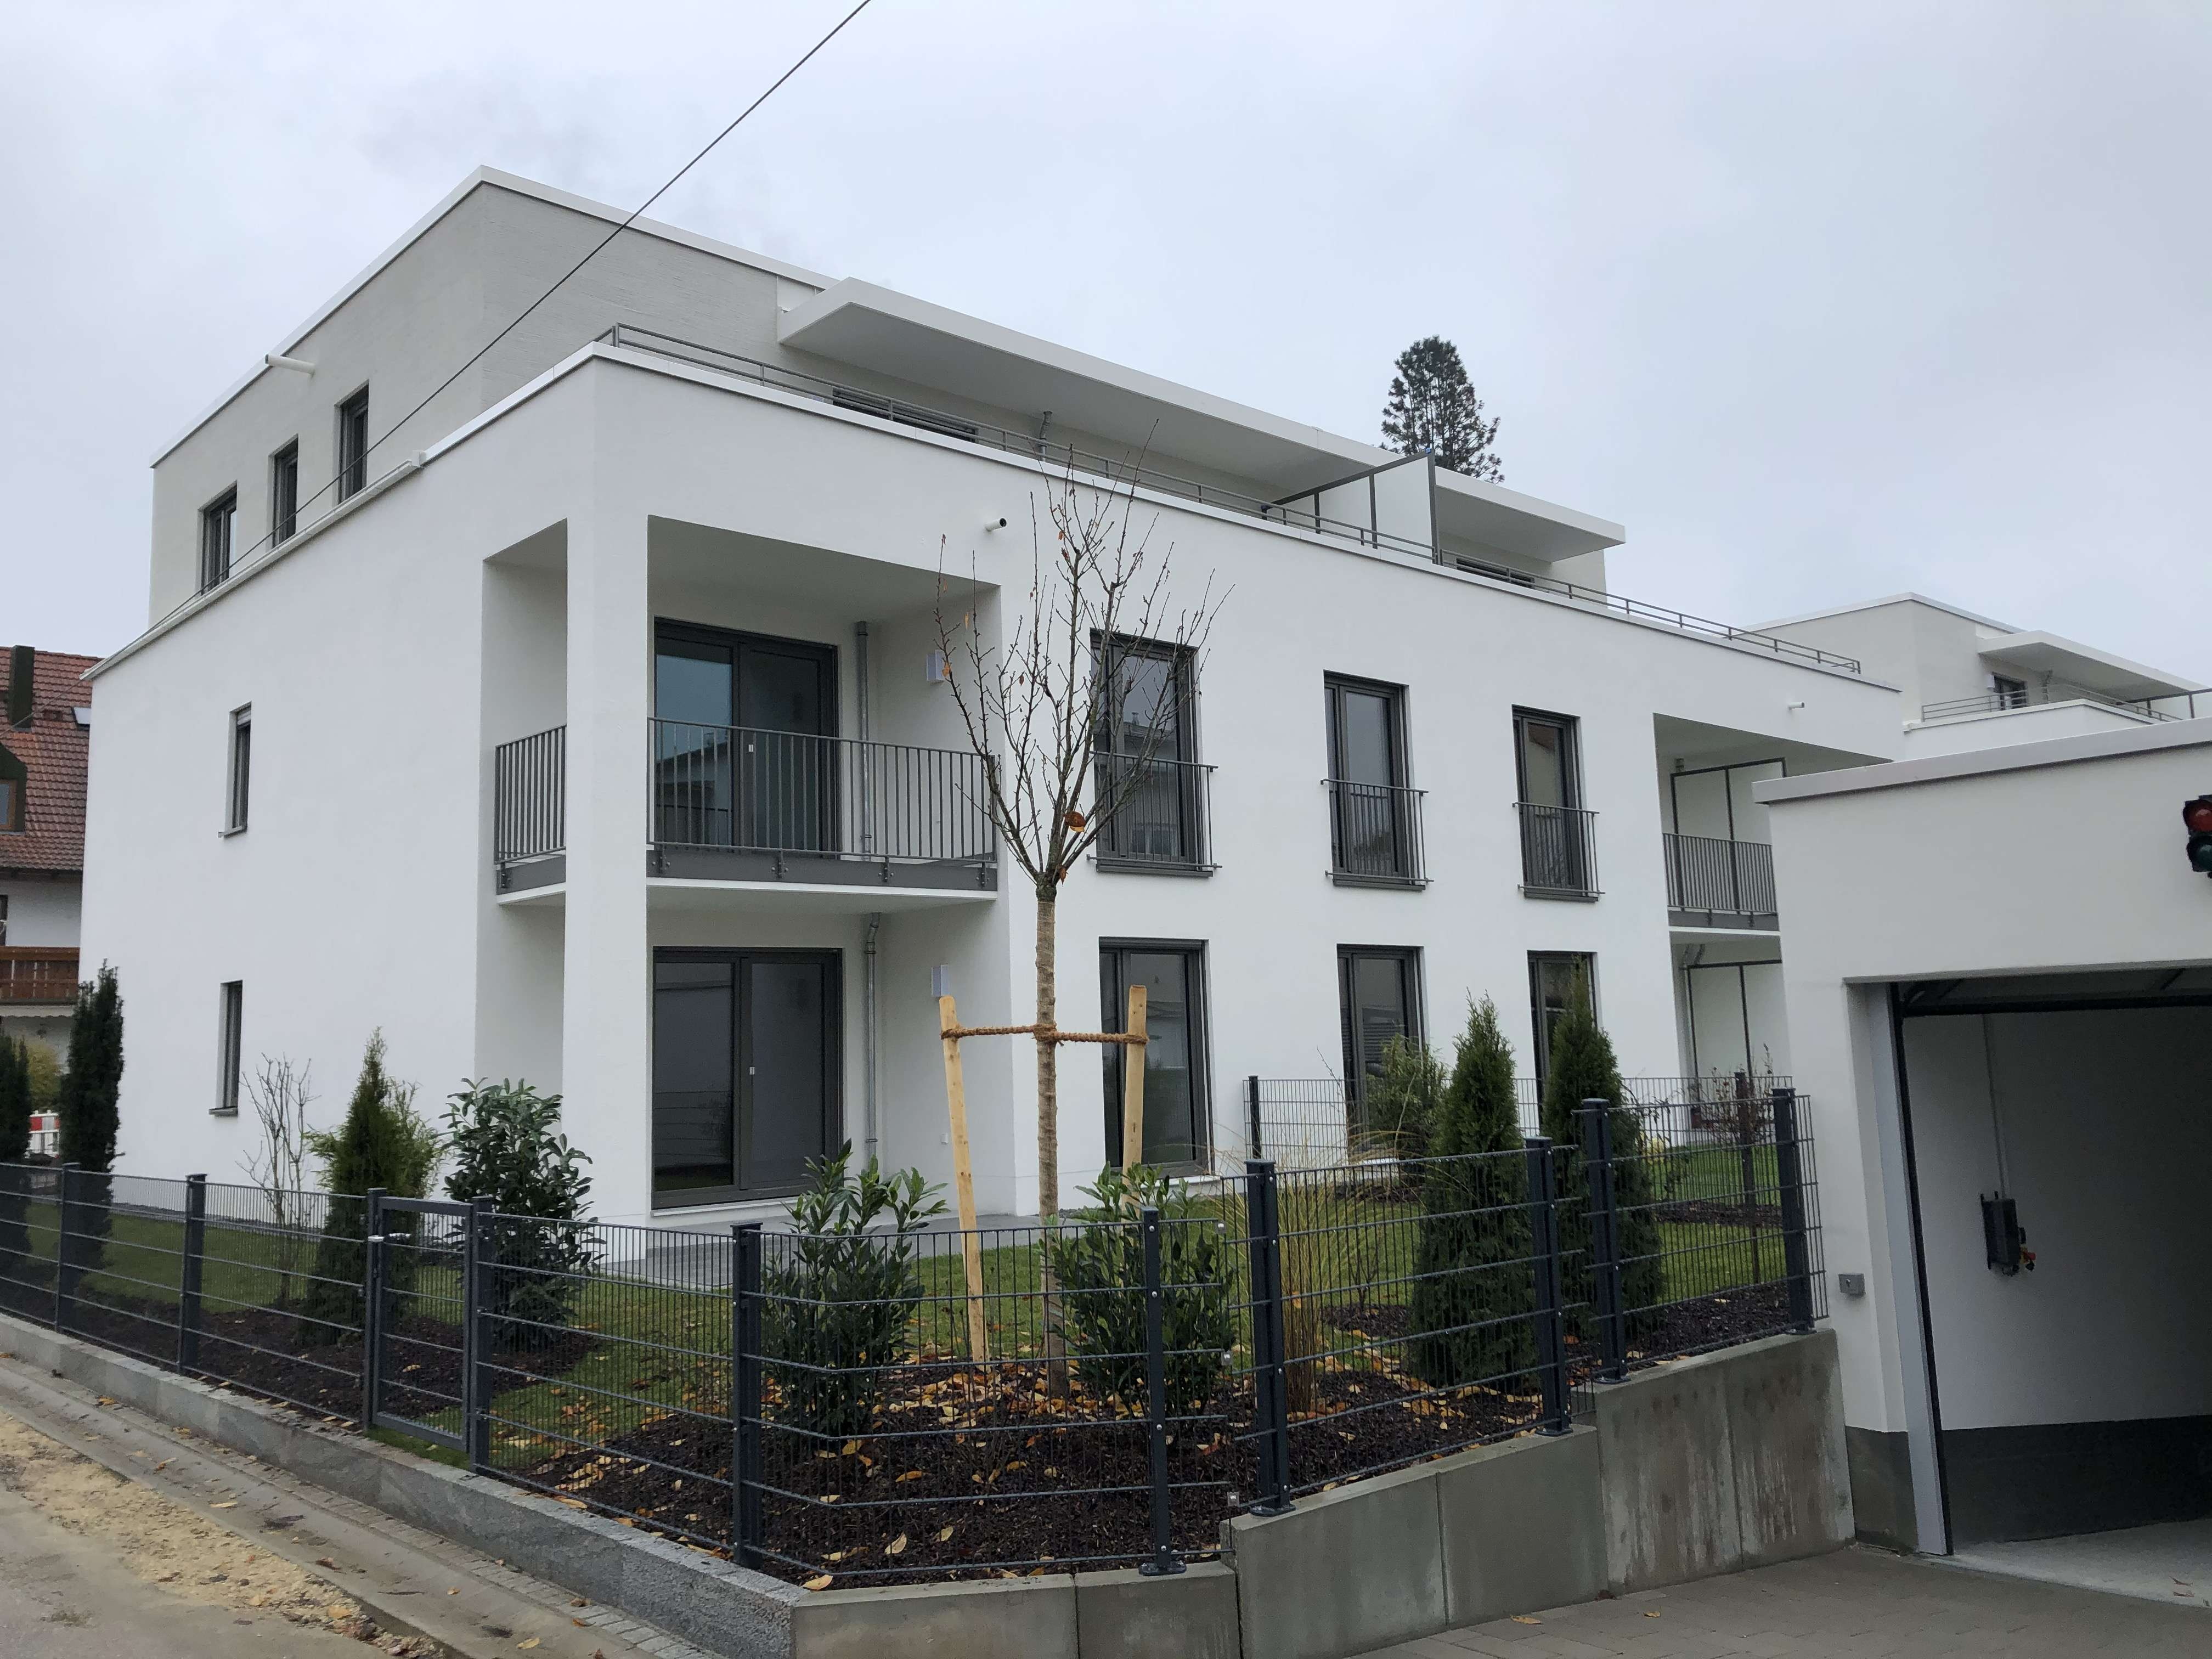 Exklusive 2-Zimmer Penthouse-Wohnung mit vielen Extras -Neubau- in Moosburg an der Isar